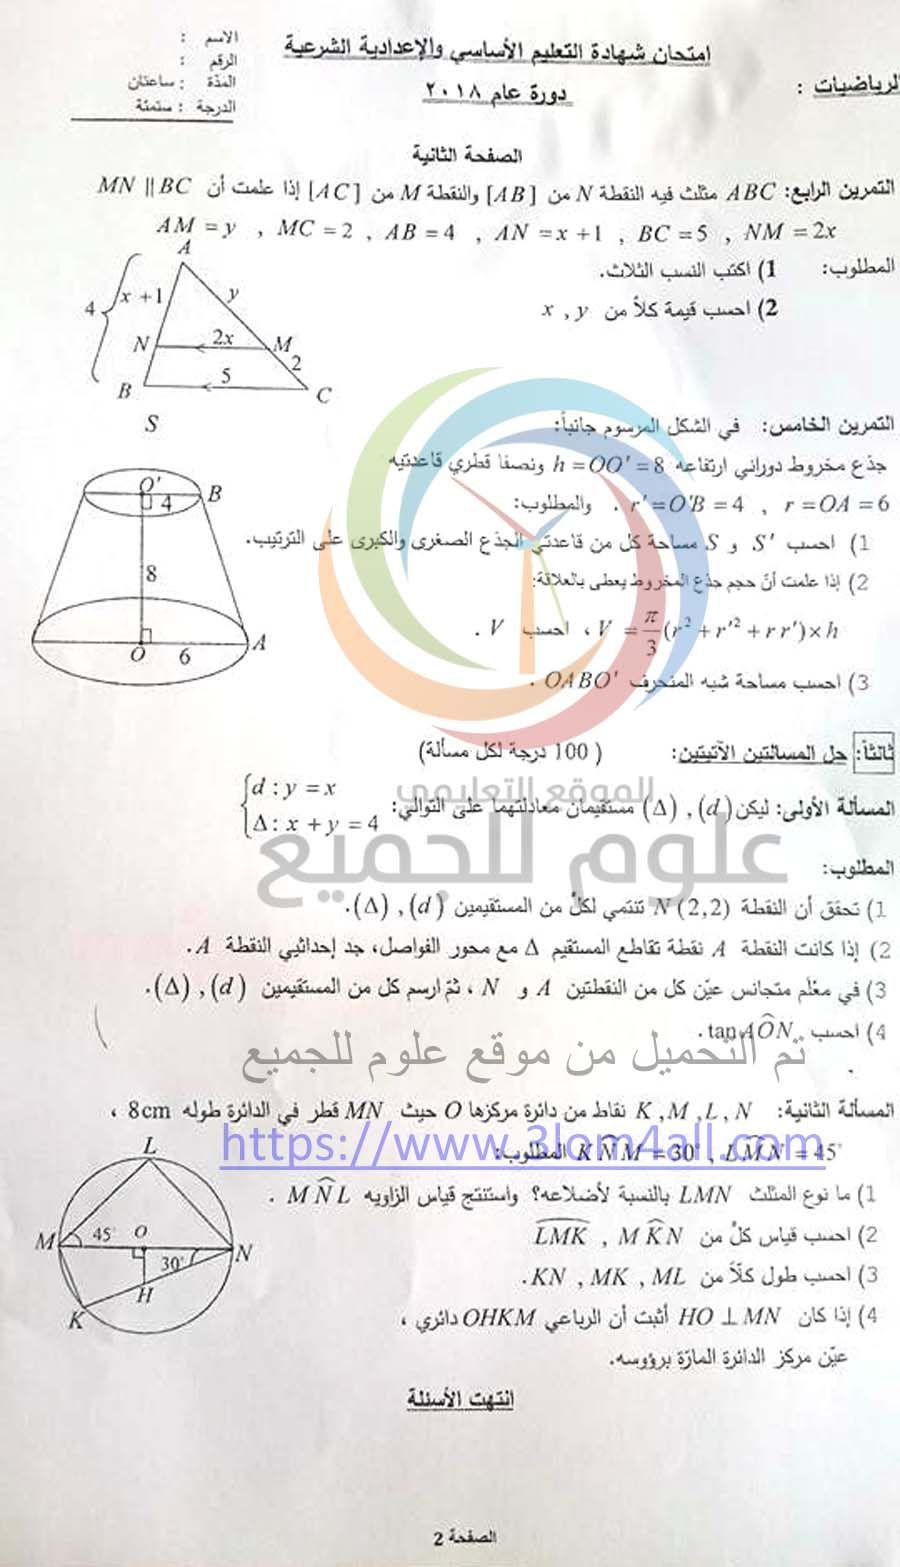 اسئلة الرياضيات تاسع دورة 2018 مع الحل الامتحان النهائي سوريا Abc Map Abs